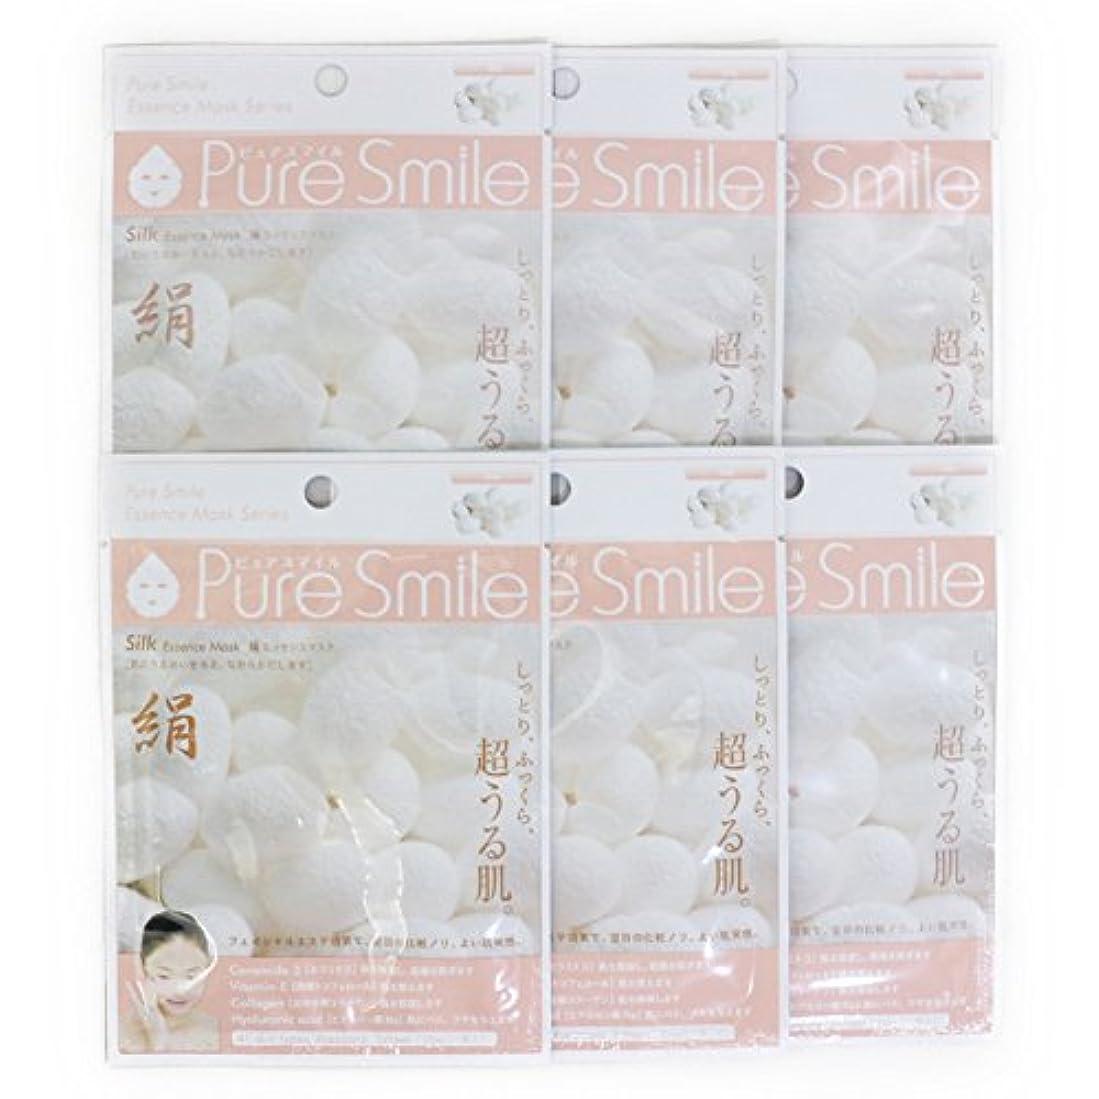 アルコール改修するパイロットPure Smile ピュアスマイル エッセンスマスク 絹 6枚セット